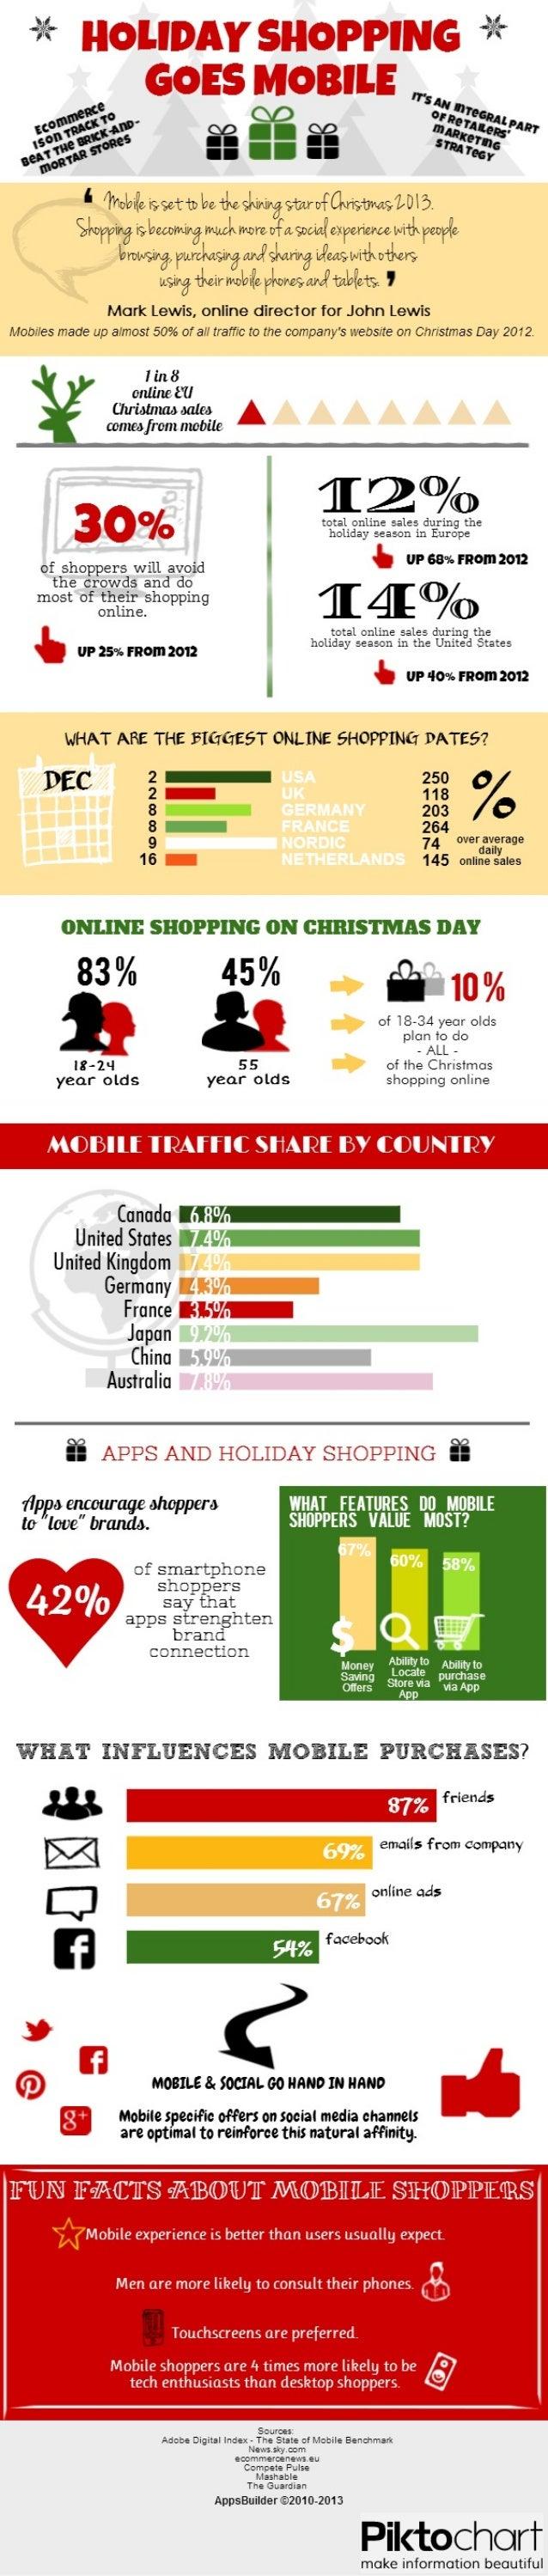 Christmas mobile shopping